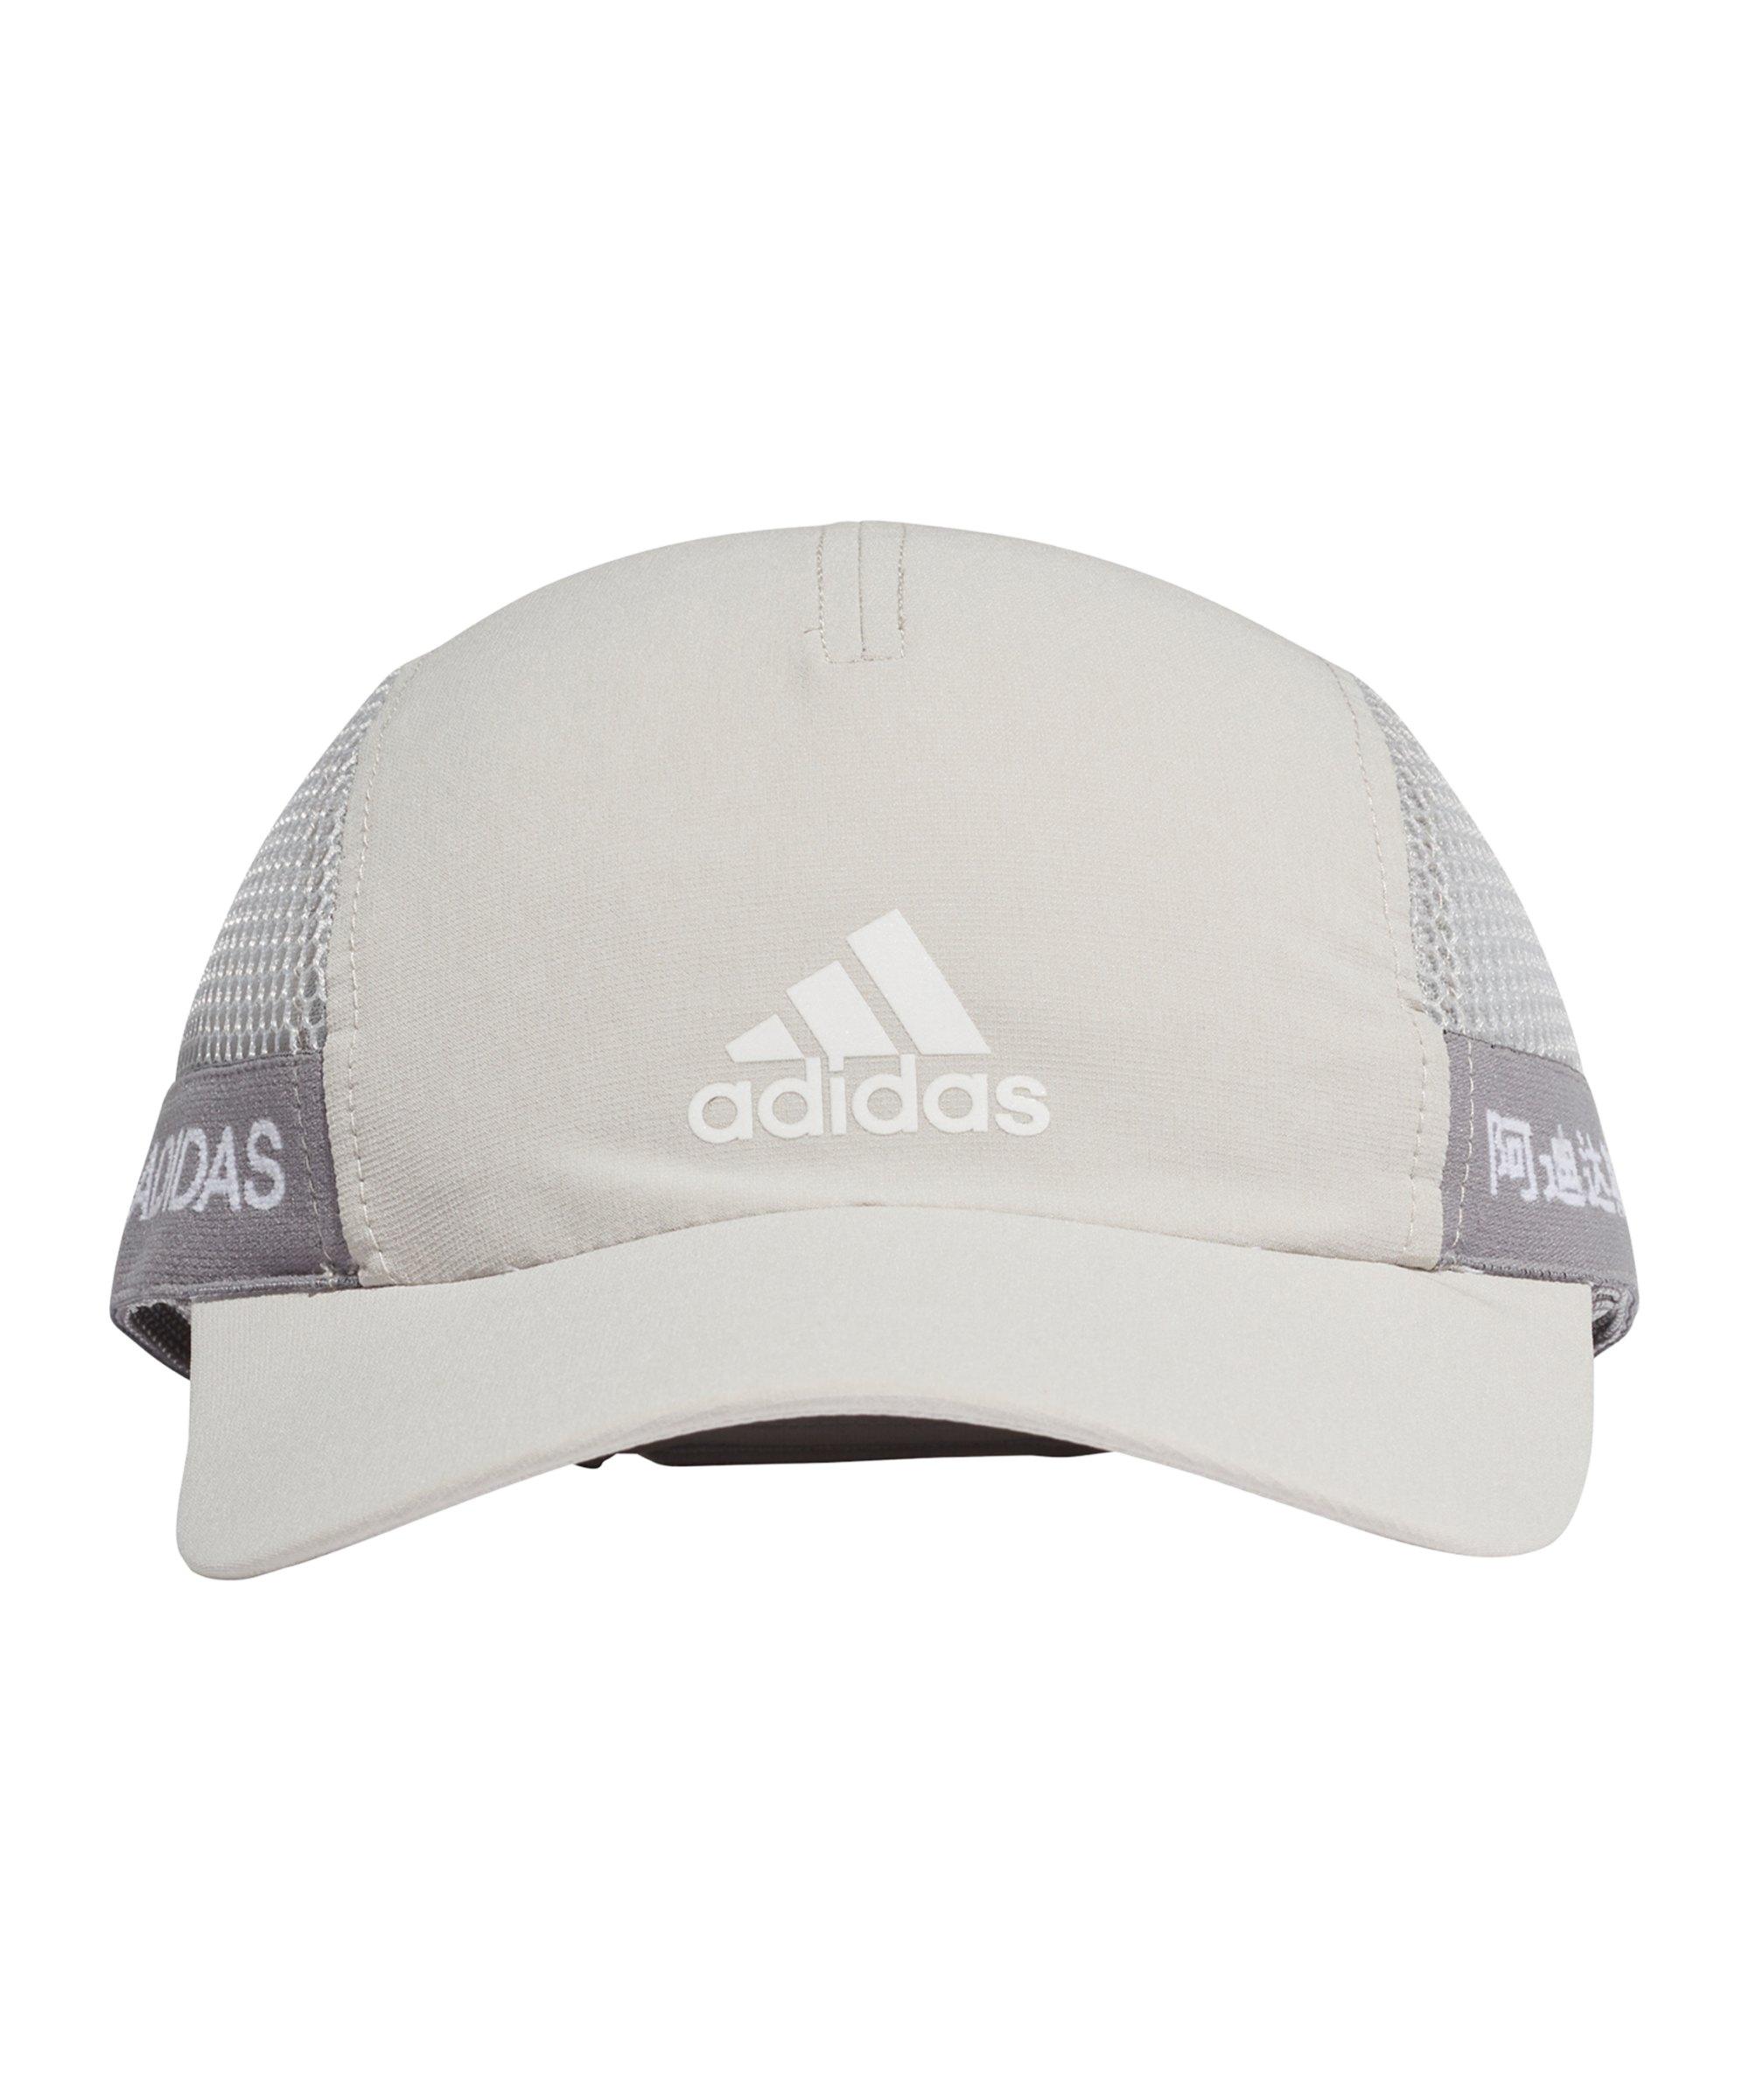 adidas Aeroready Runner Cap Grau Weiß - grau